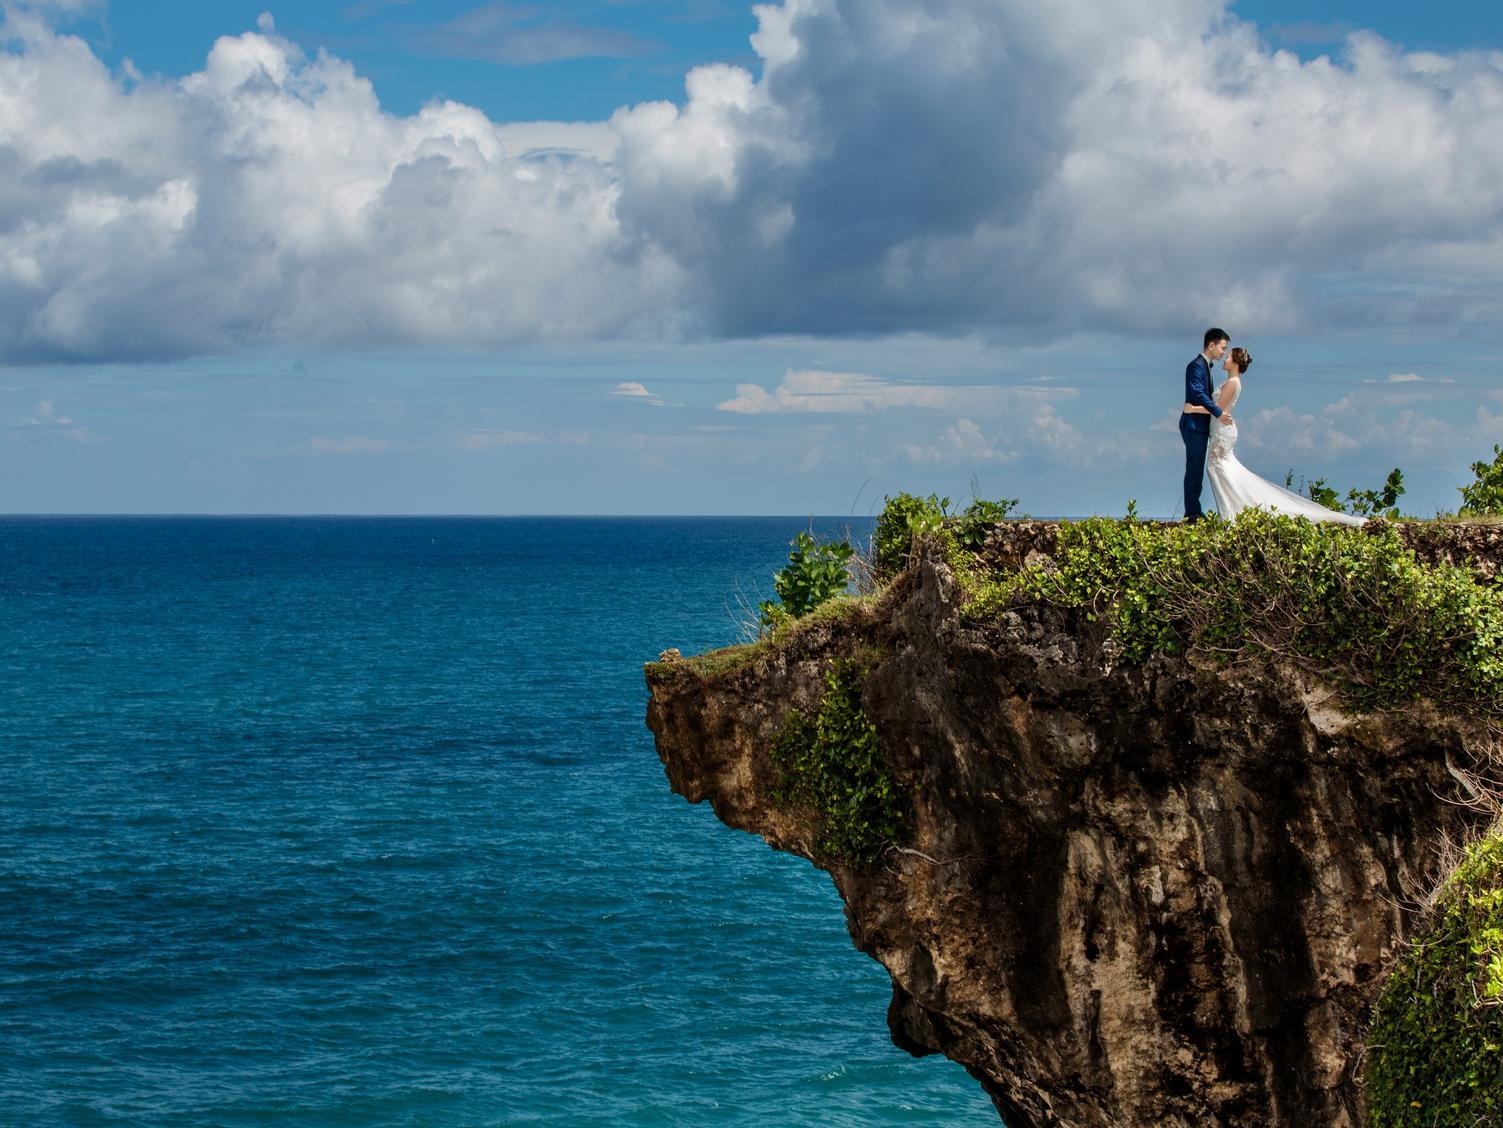 去巴厘岛拍婚纱照,情人涯的效果好不好?